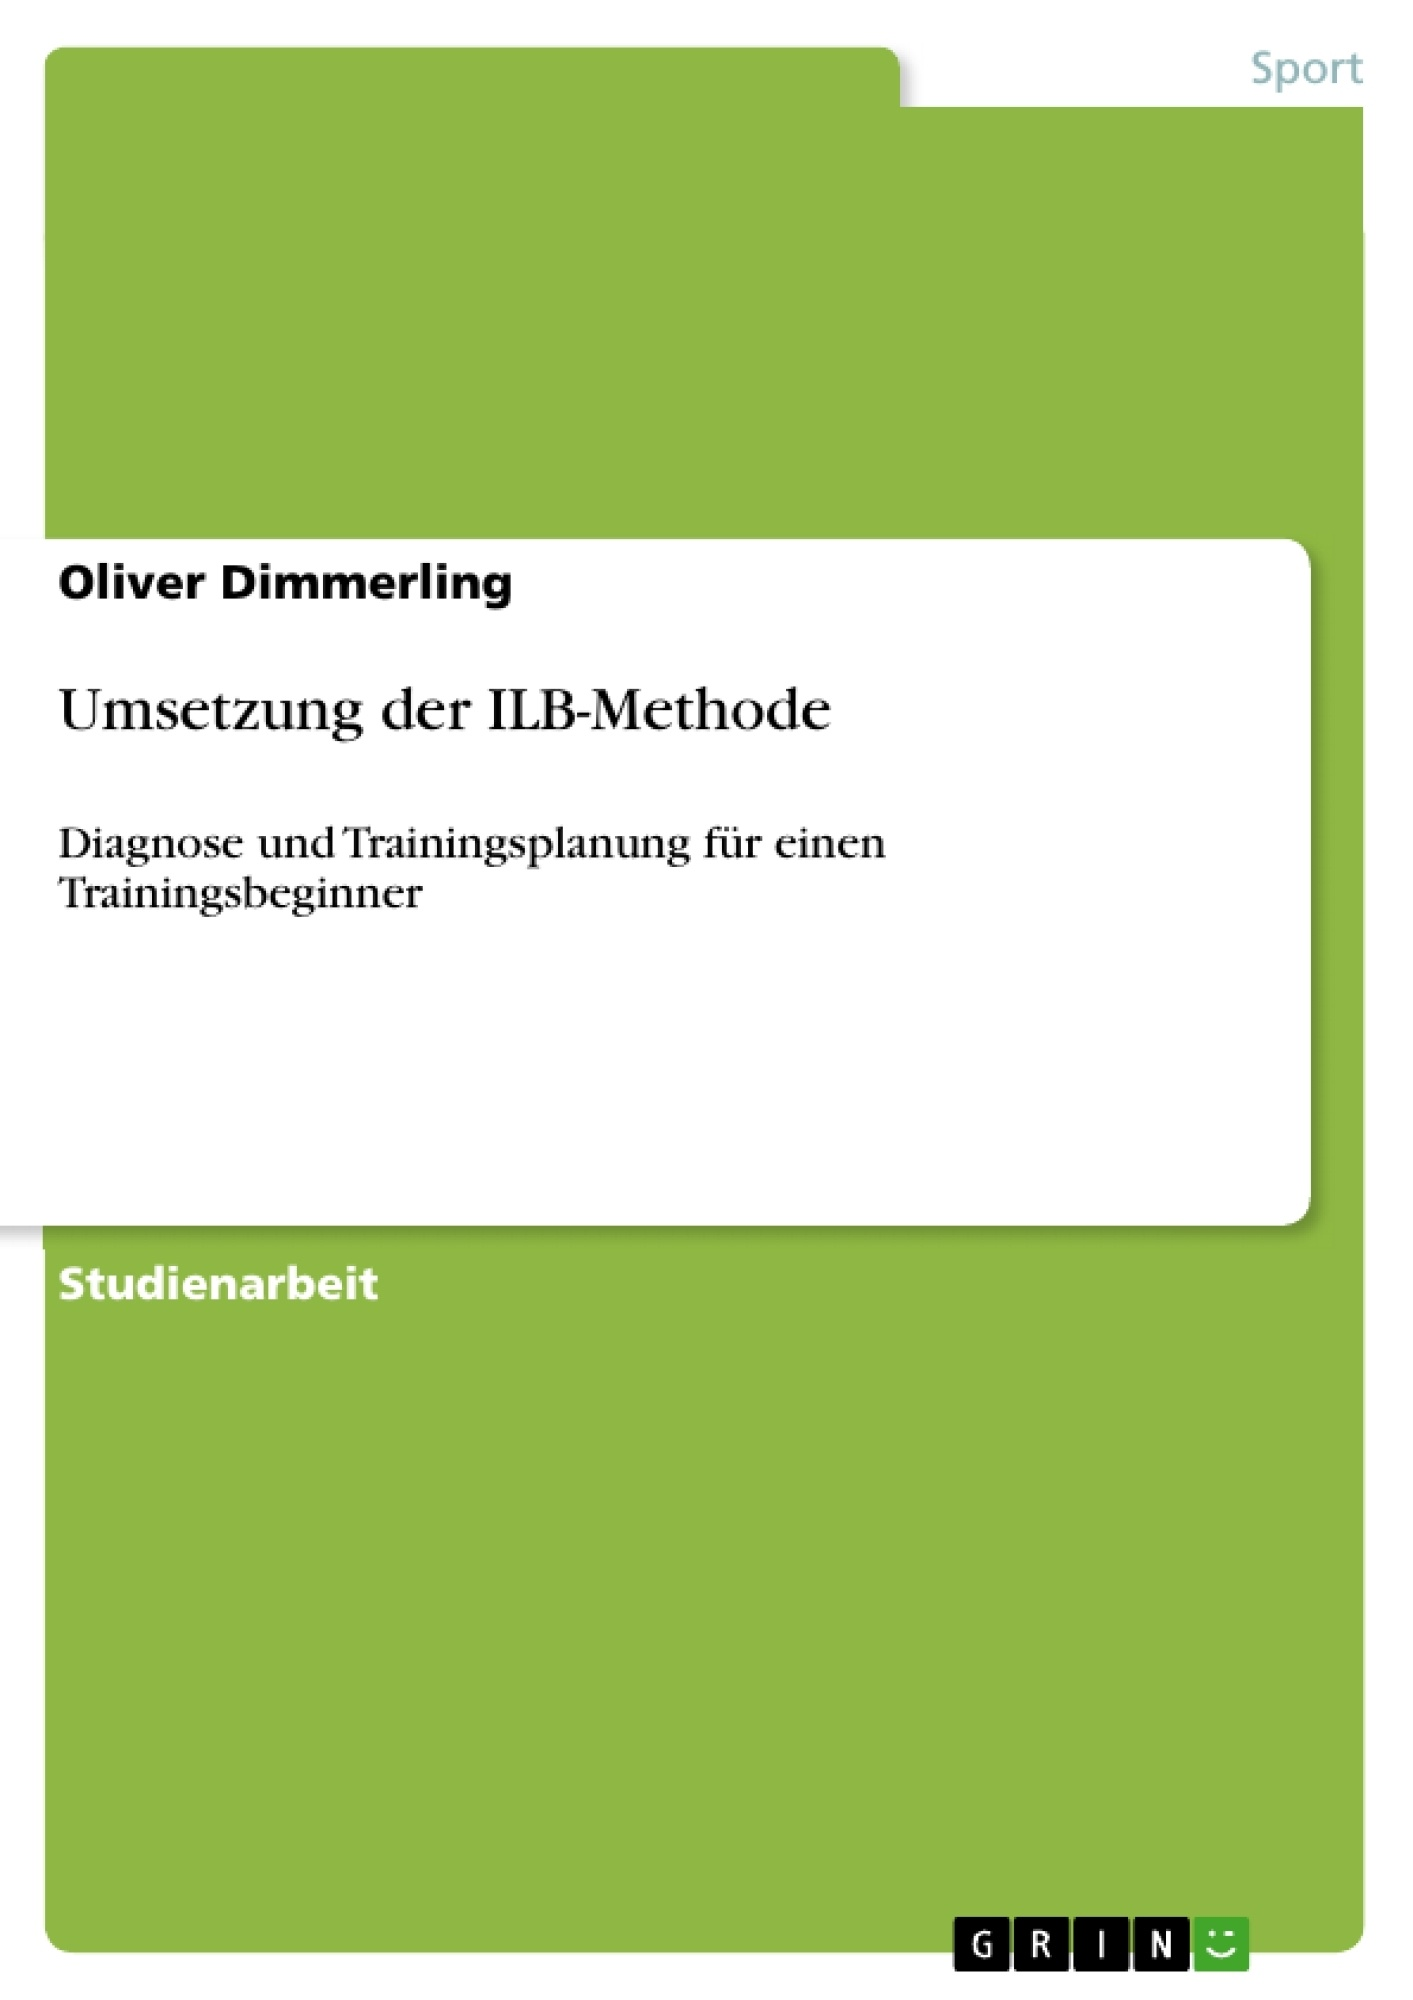 Titel: Umsetzung der ILB-Methode